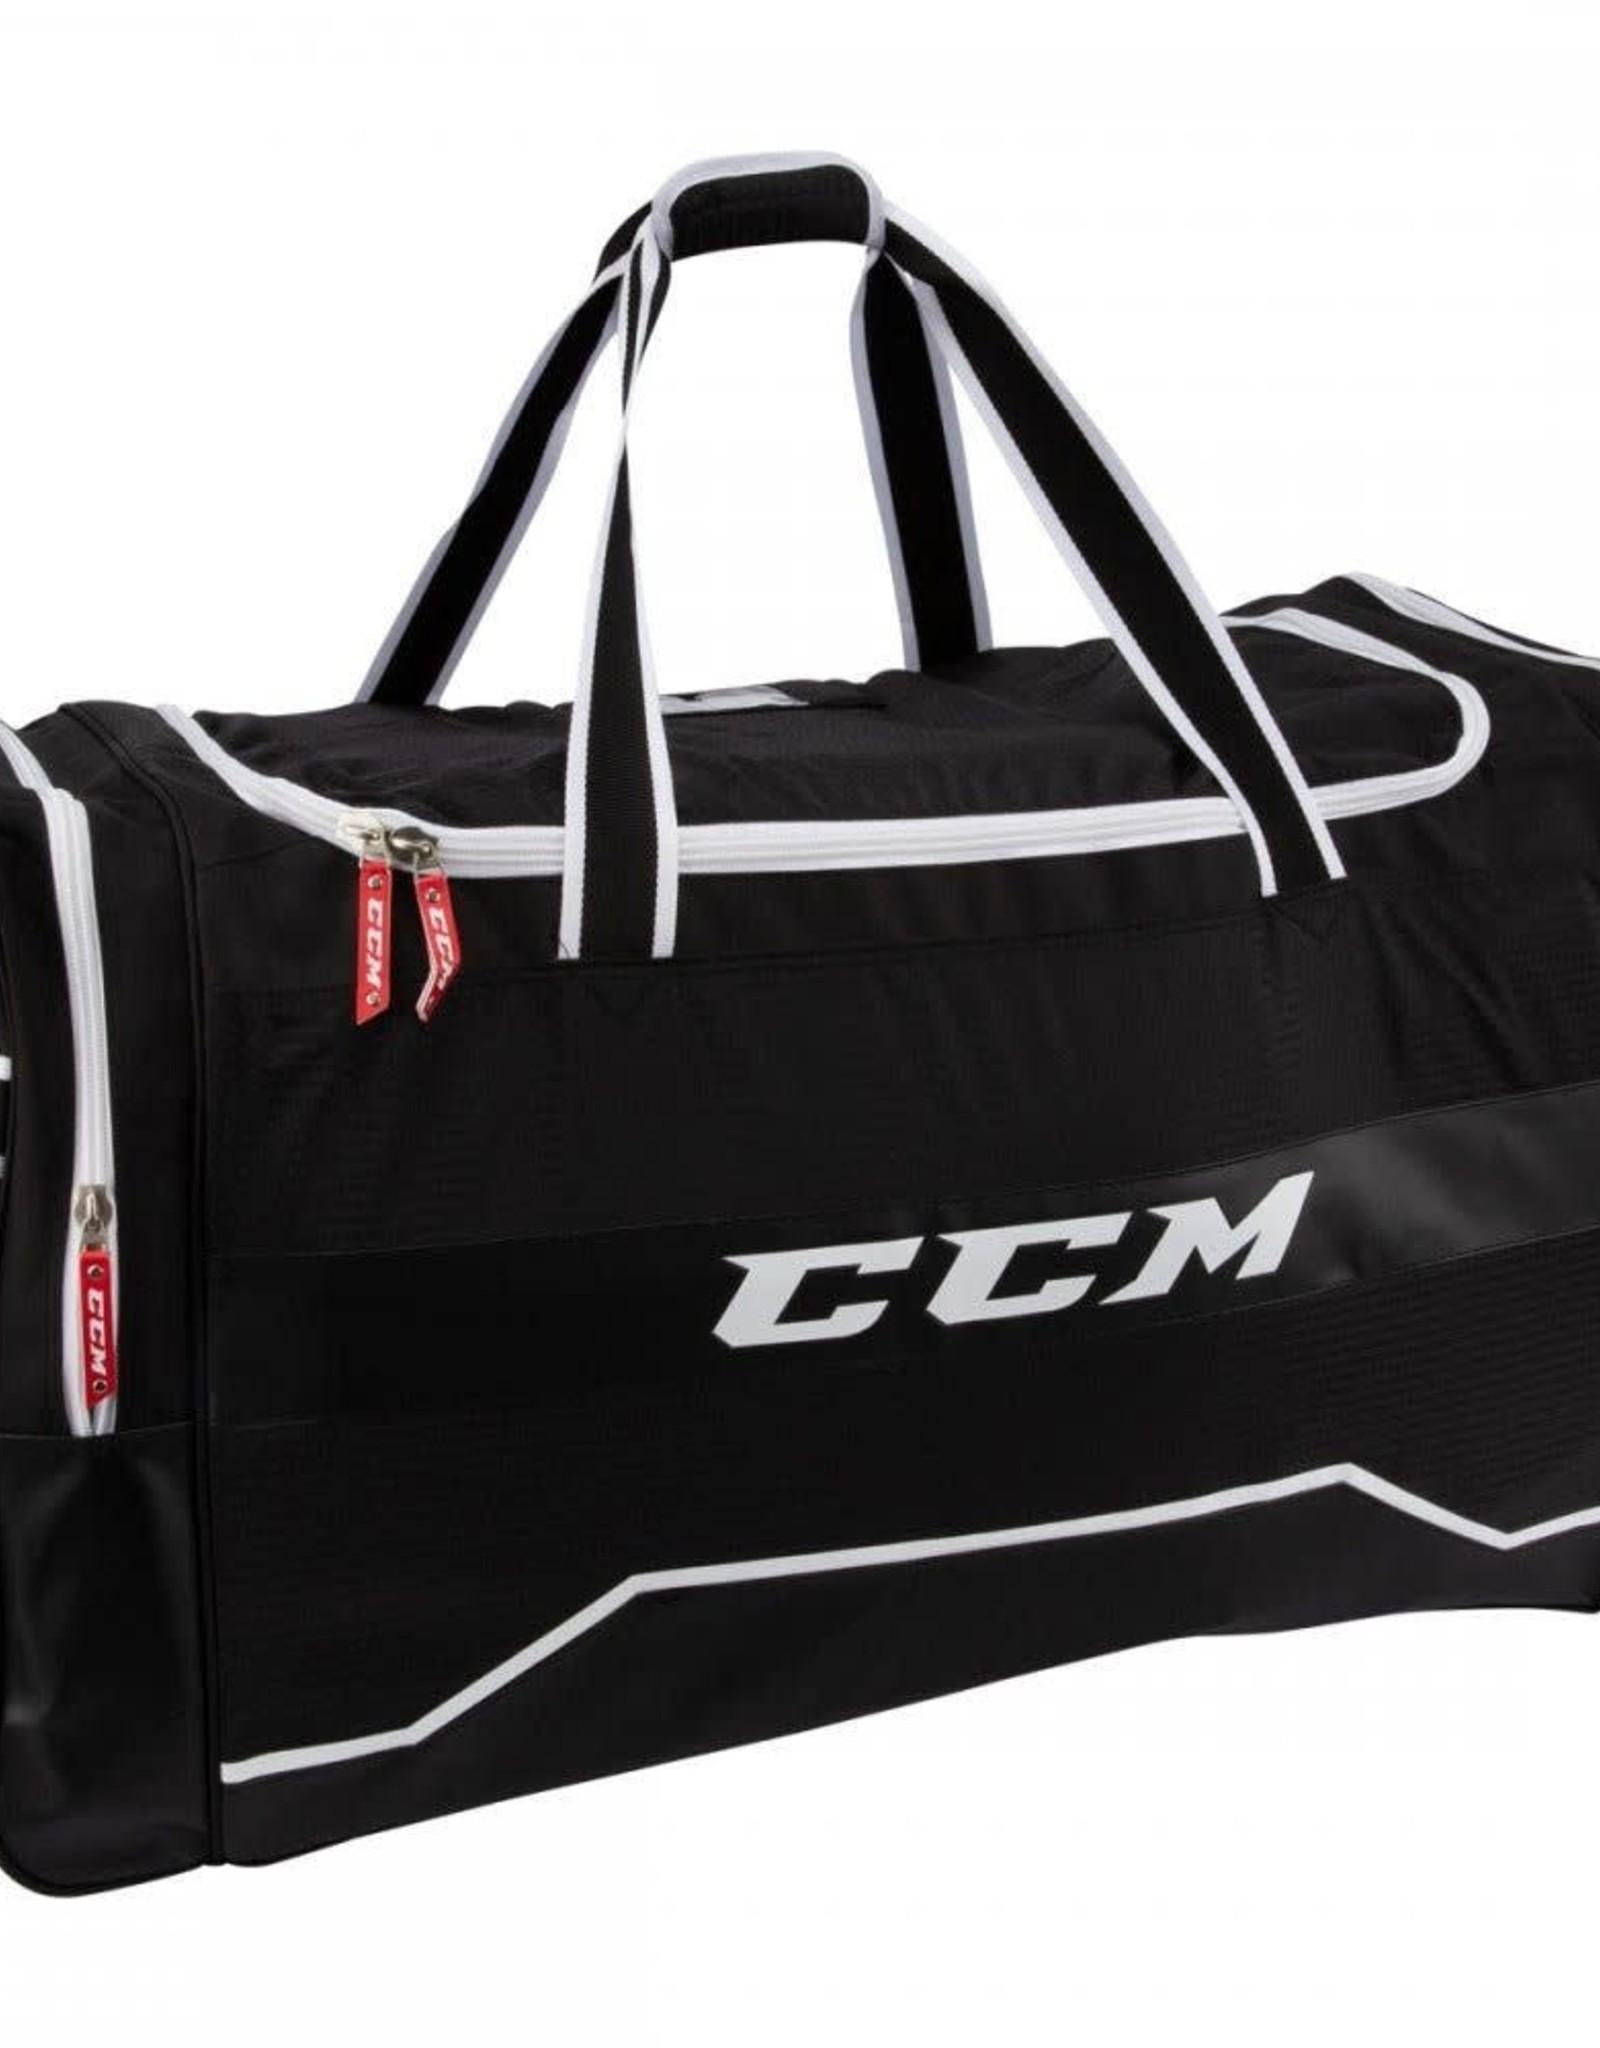 CCM CCM 350 DELUXE CARRY BAG Black